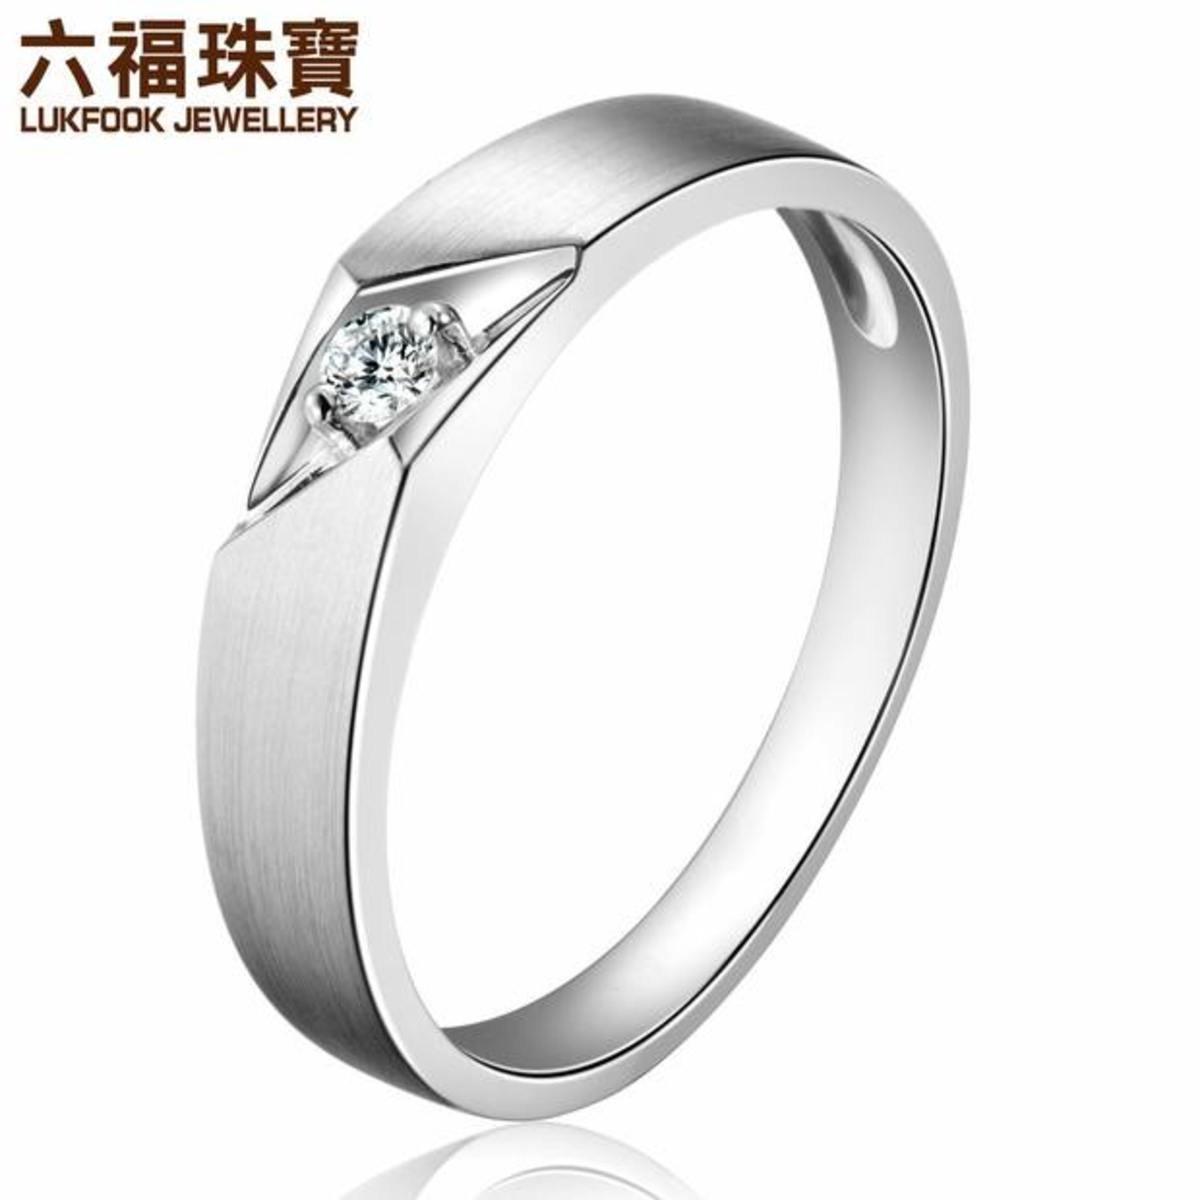 愛恆久 18K/750金(白色)鑲鑽石情侶戒指